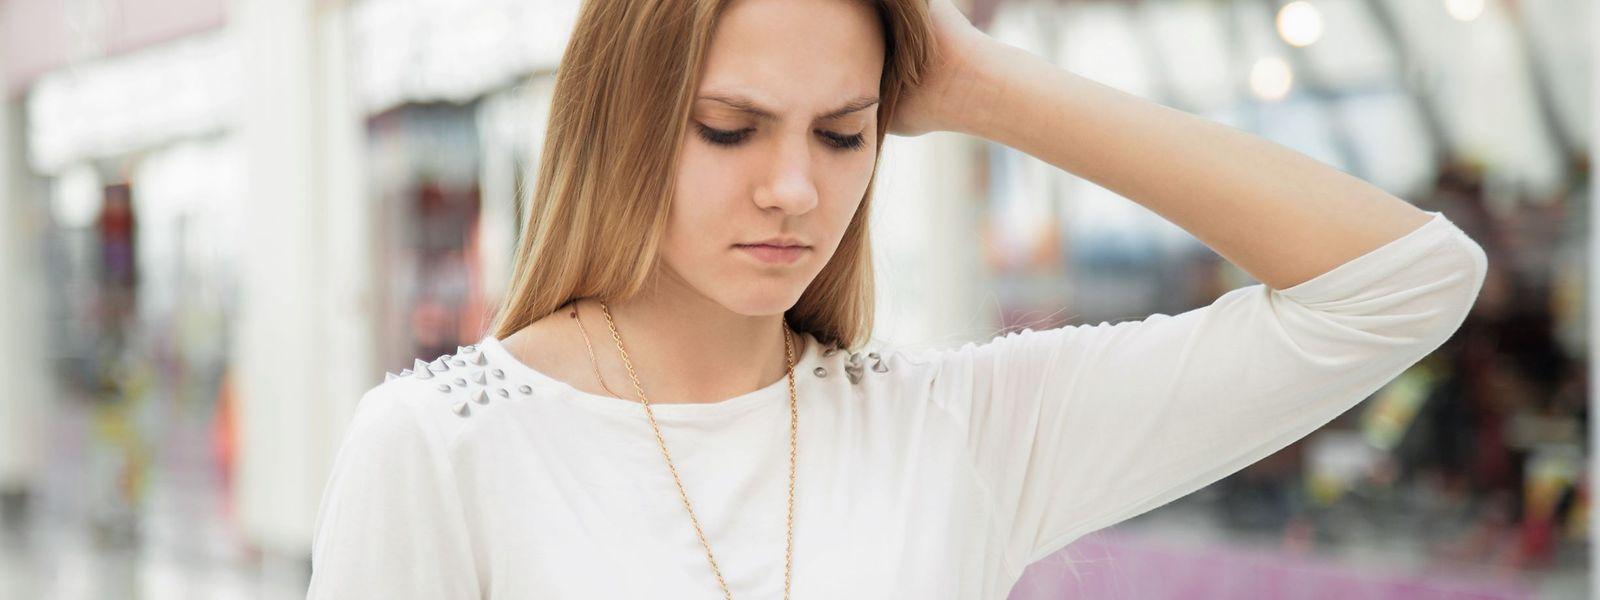 Viele Jugendliche in Luxemburg haben trotz Arbeit nicht genug Geld zur Verfügung.